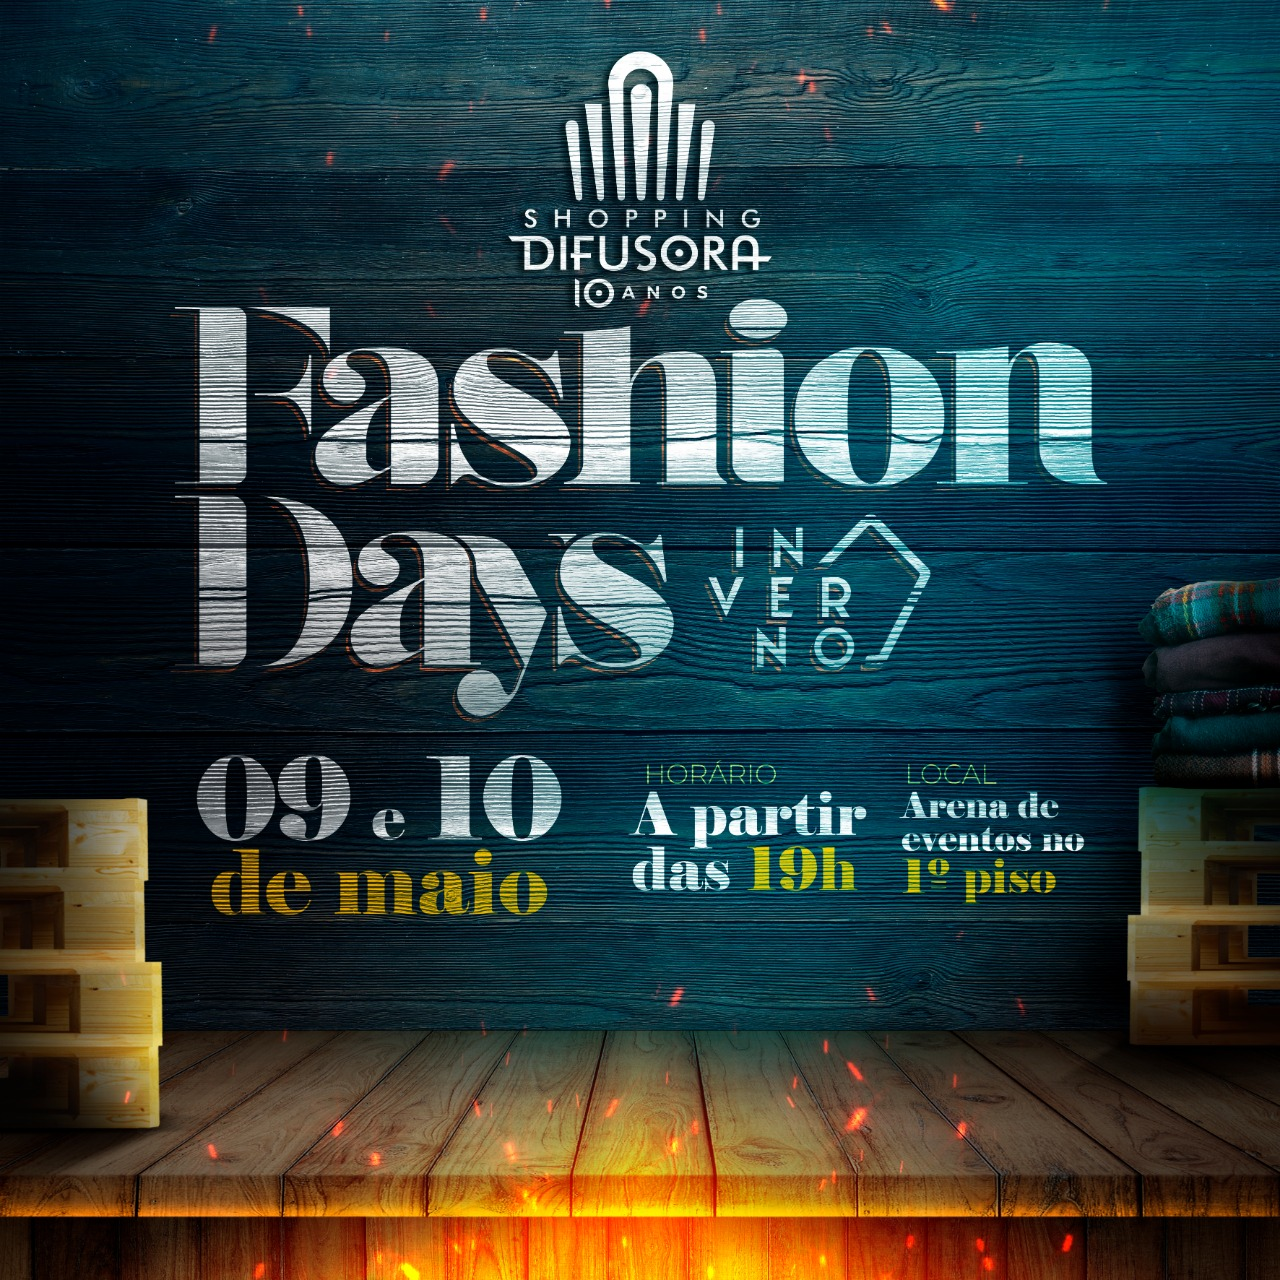 Centro de compras de Caruaru sediará evento de moda inverno